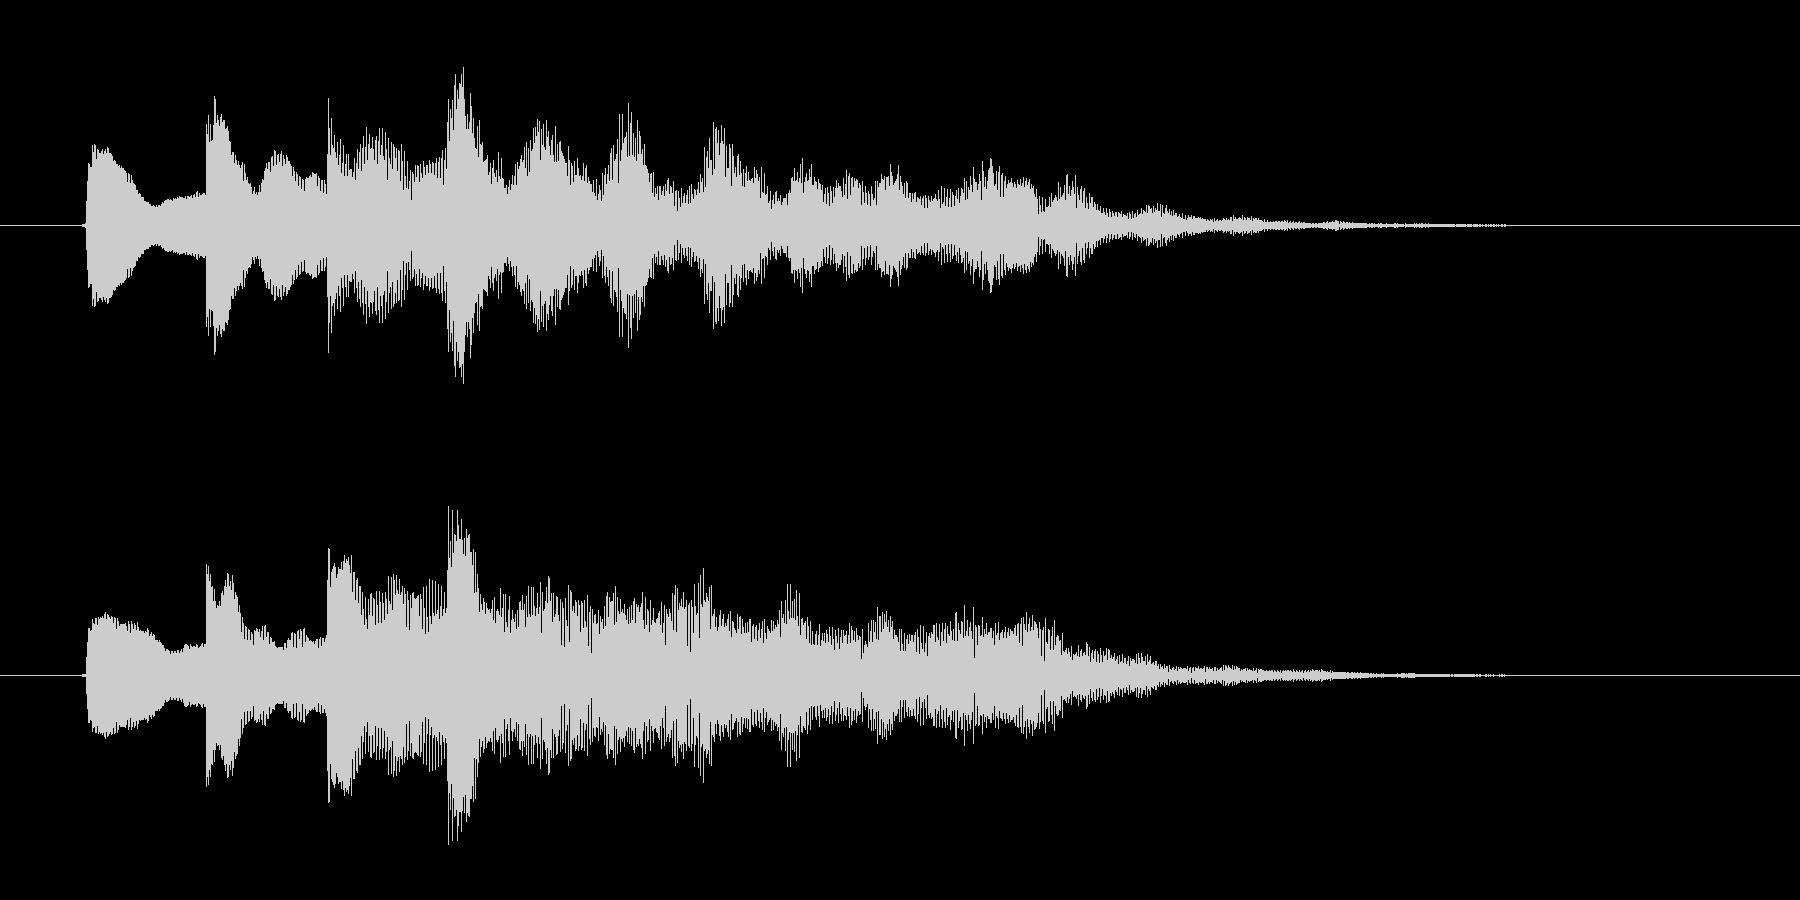 ポンポンポンポン(不思議な木琴の音)の未再生の波形